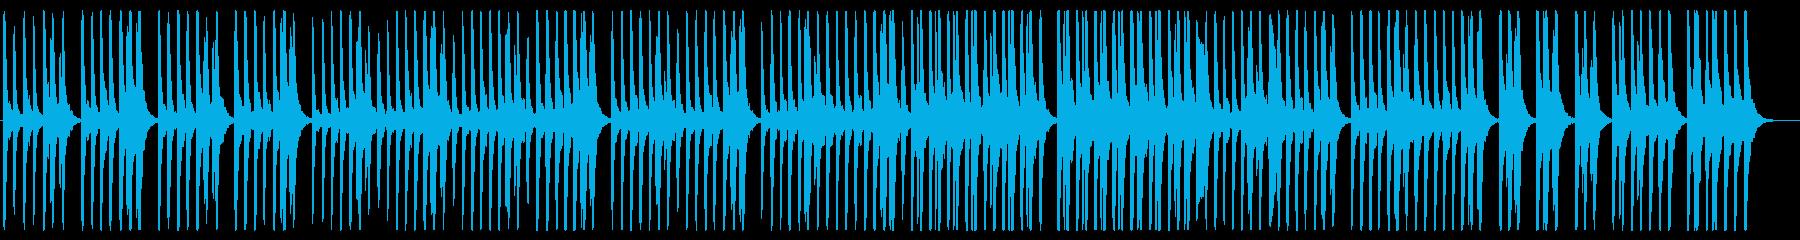 陽気で軽快なピアノ曲の再生済みの波形